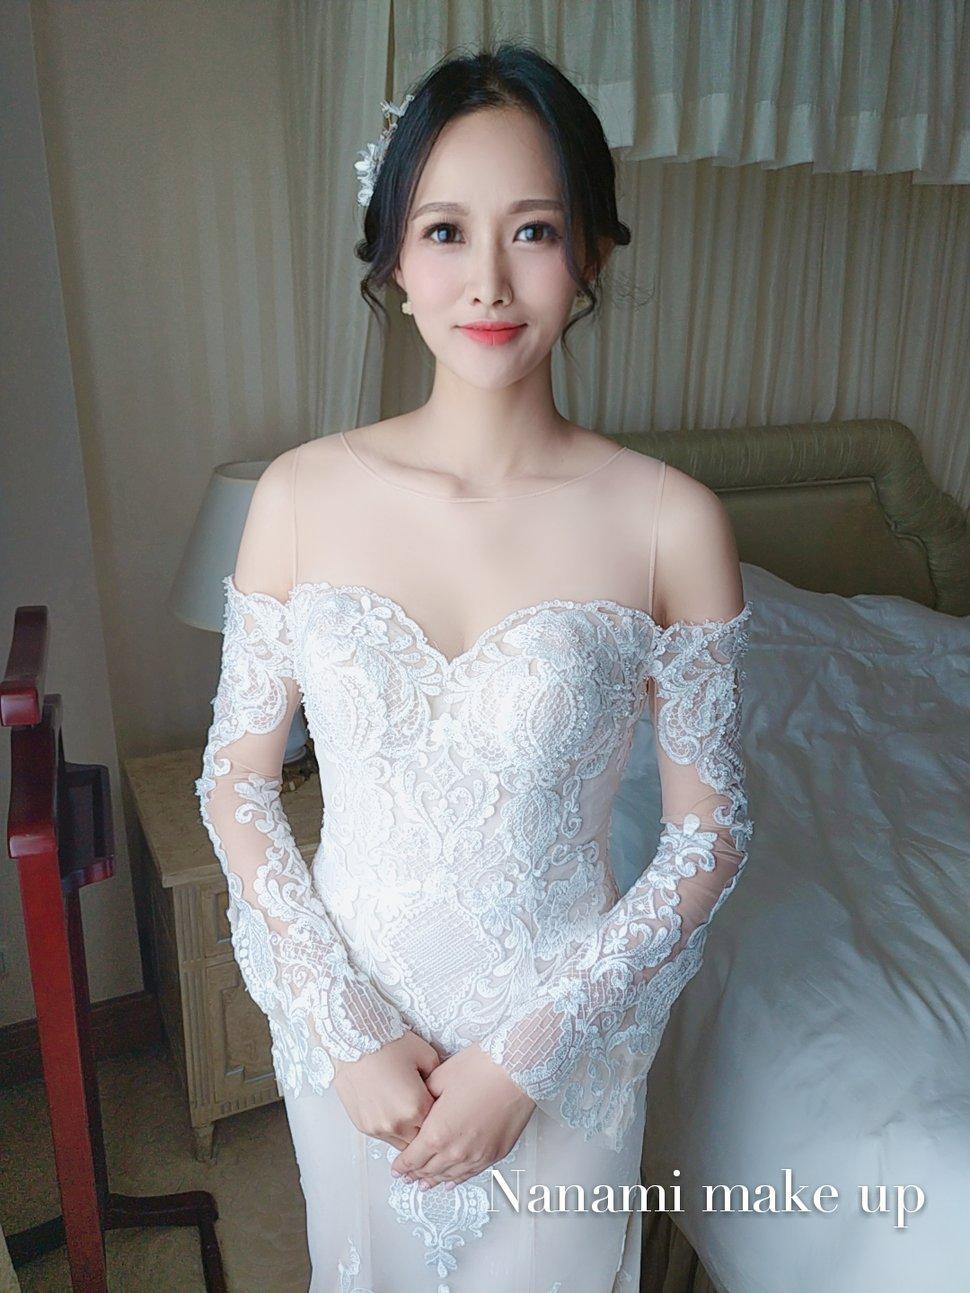 256078F2-CB31-45F8-BCE7-42A9B4F94181 - Nanami 張慈慈《結婚吧》